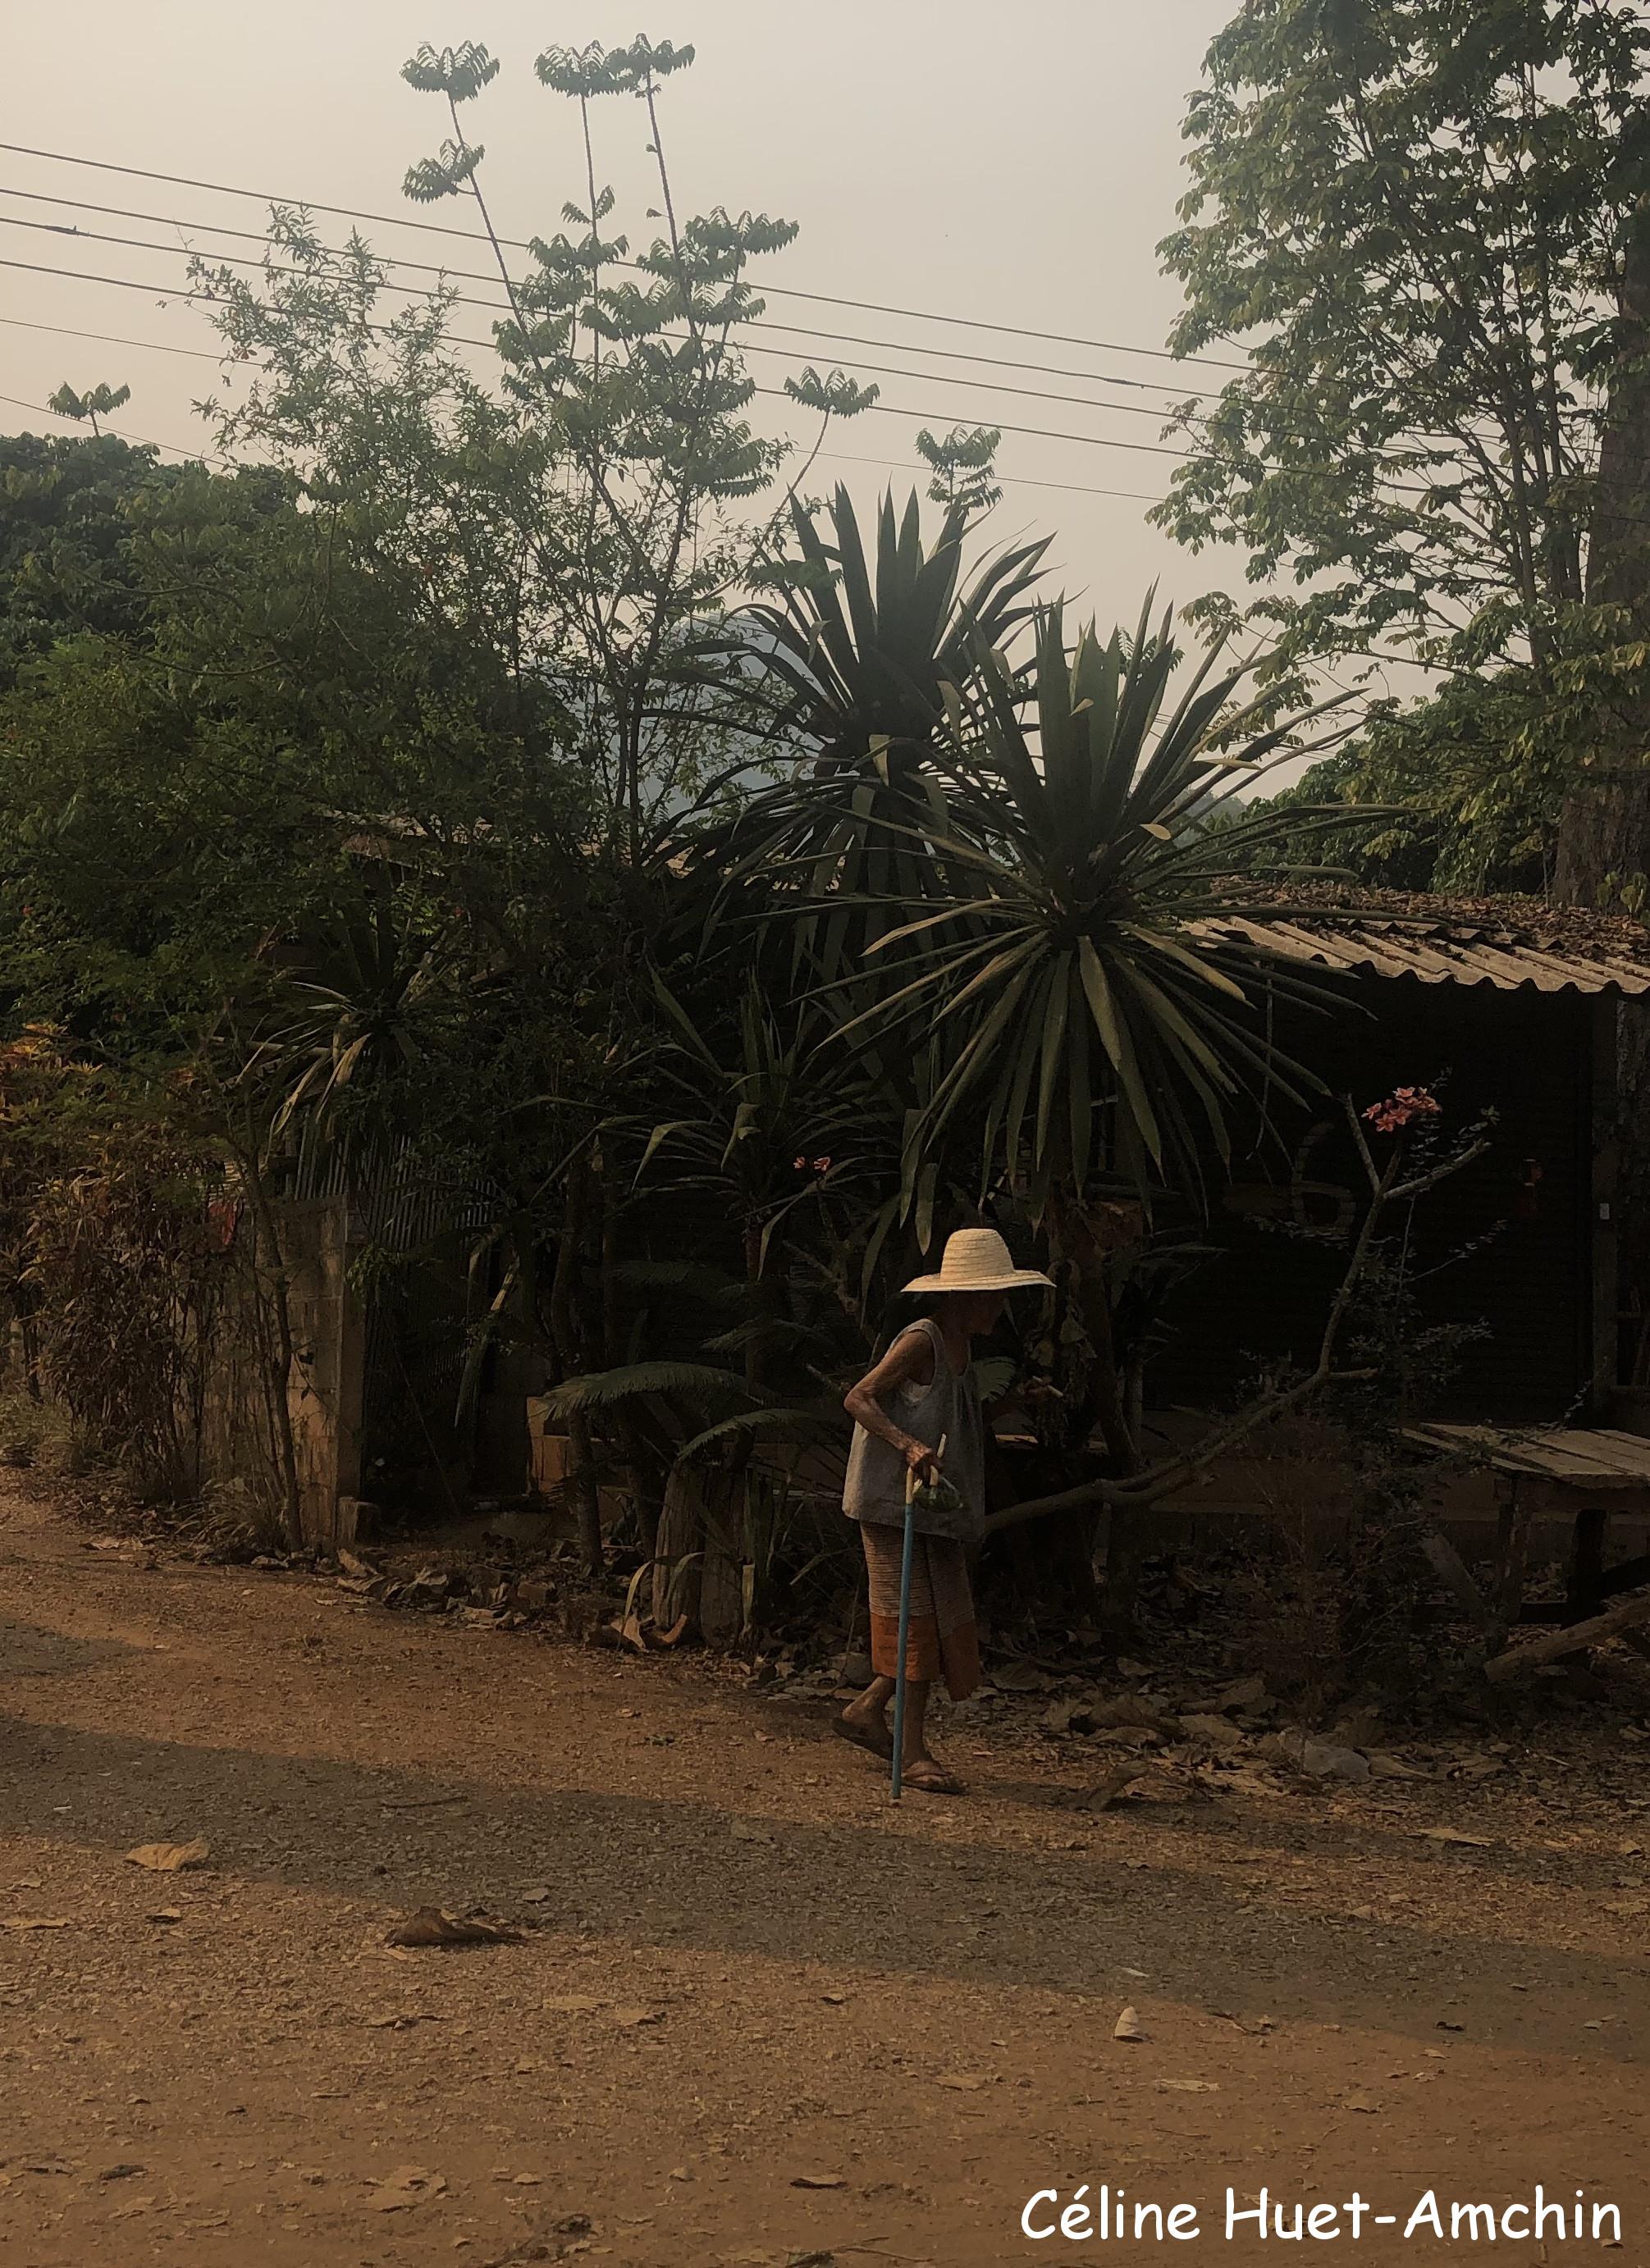 Sur la route Chiang Rai - Chiang Mai Thaïlande Asie